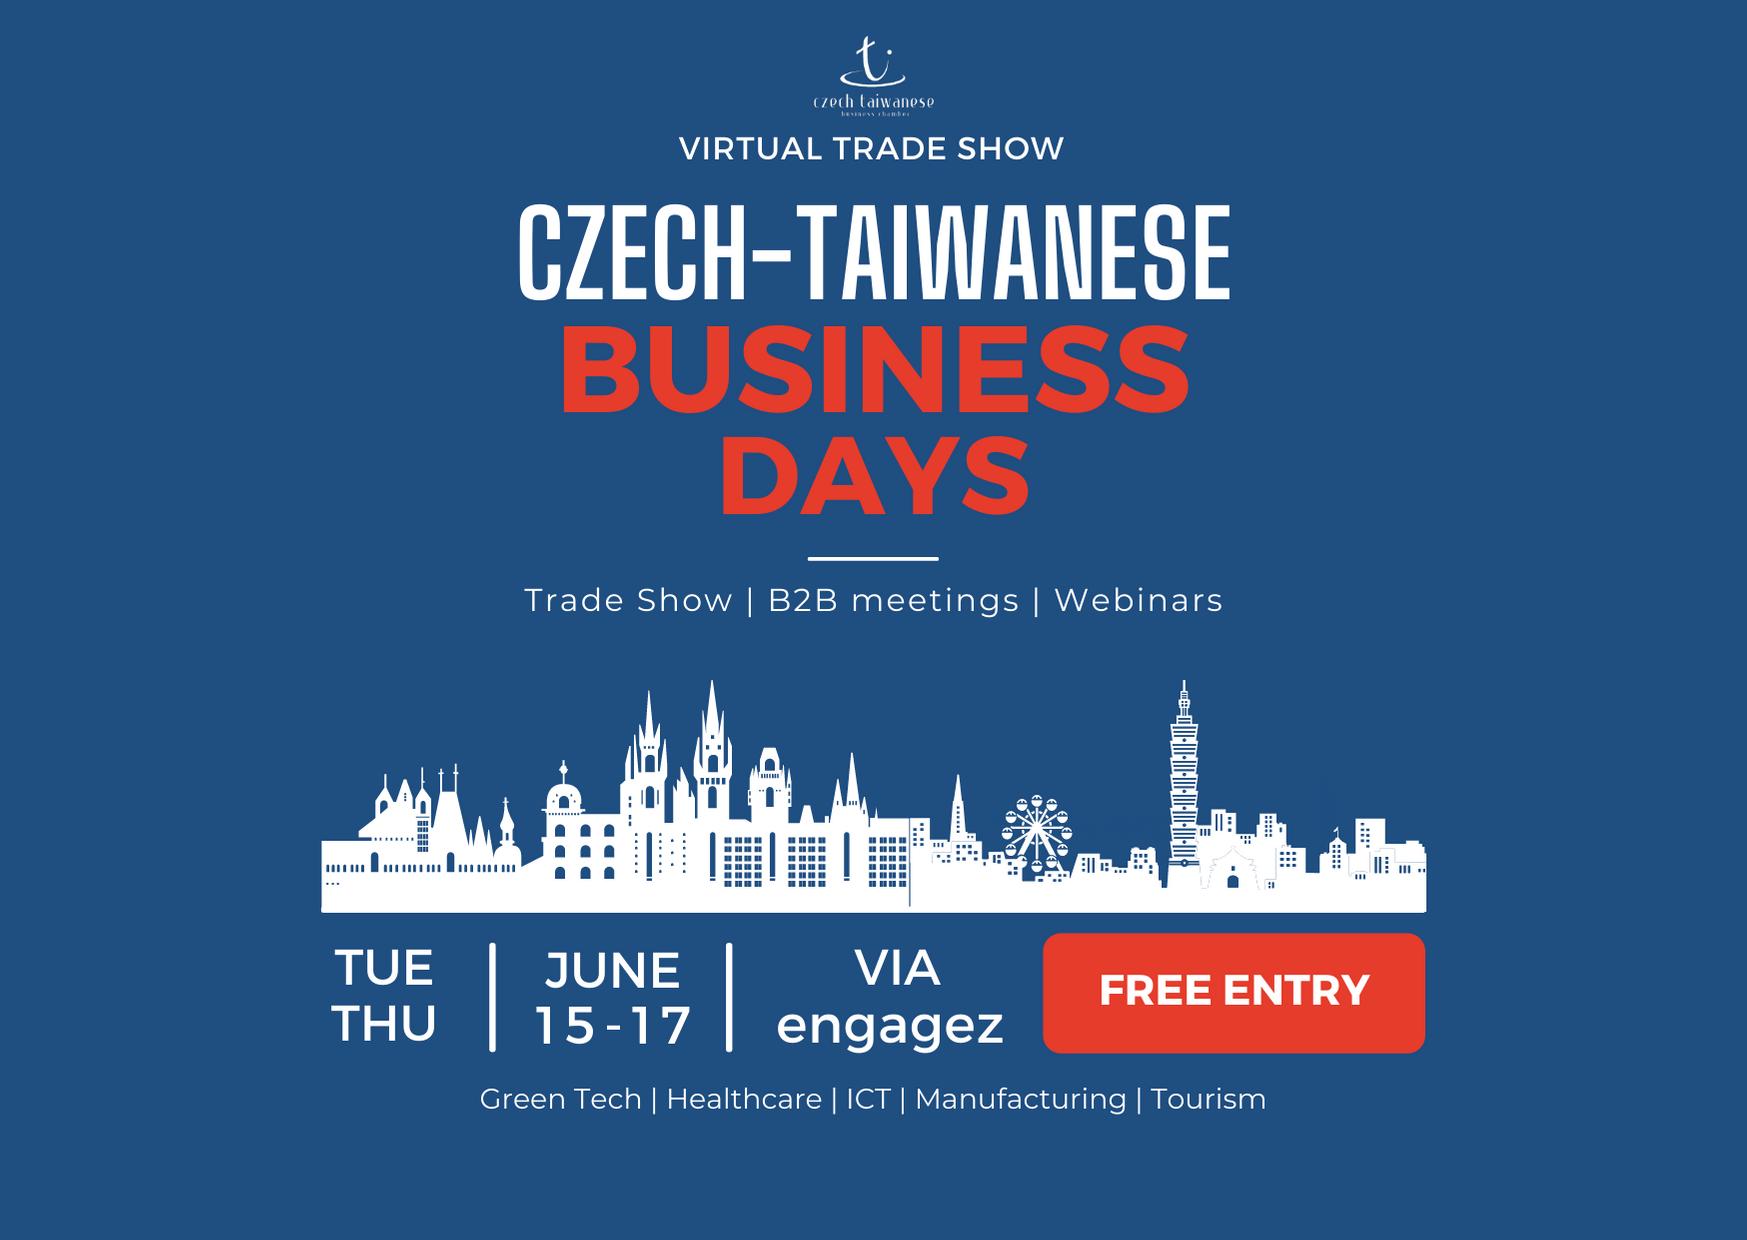 2021年臺捷商機日 Czech-Taiwanese Bushiness Days